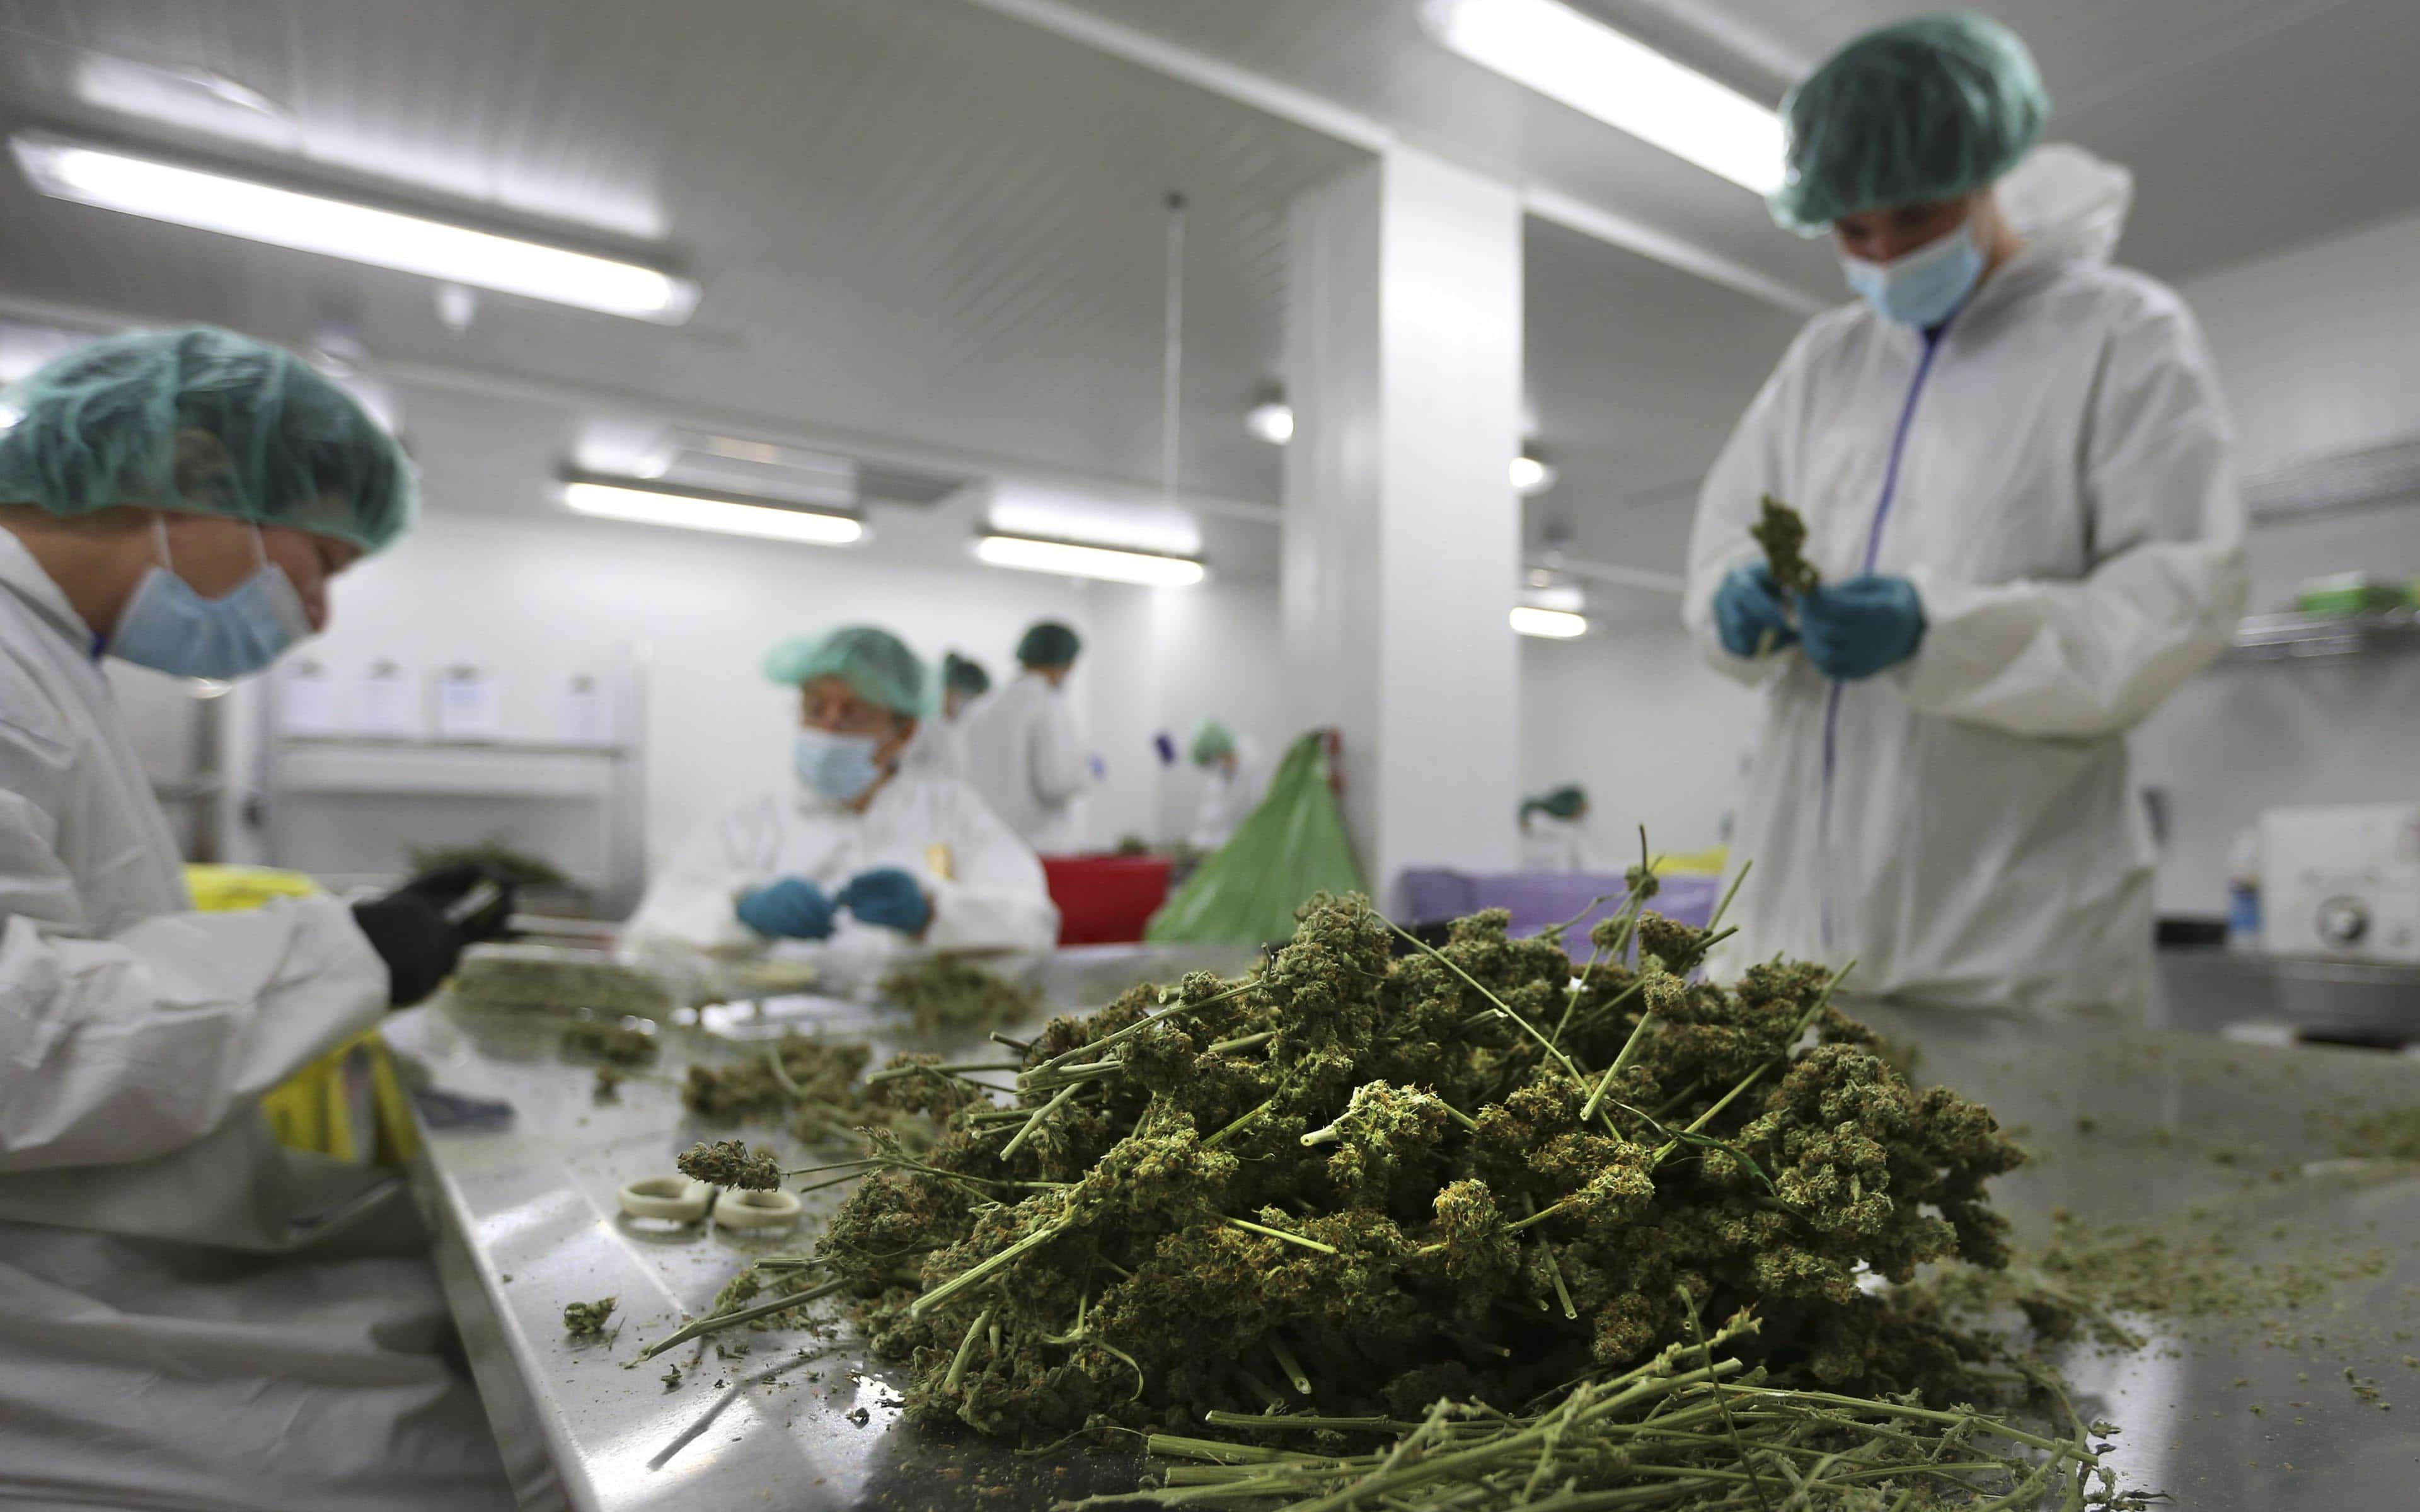 Nación Cannabis | Uno de los más grandes laboratorios de cannabis en Washington ha sido suspendido